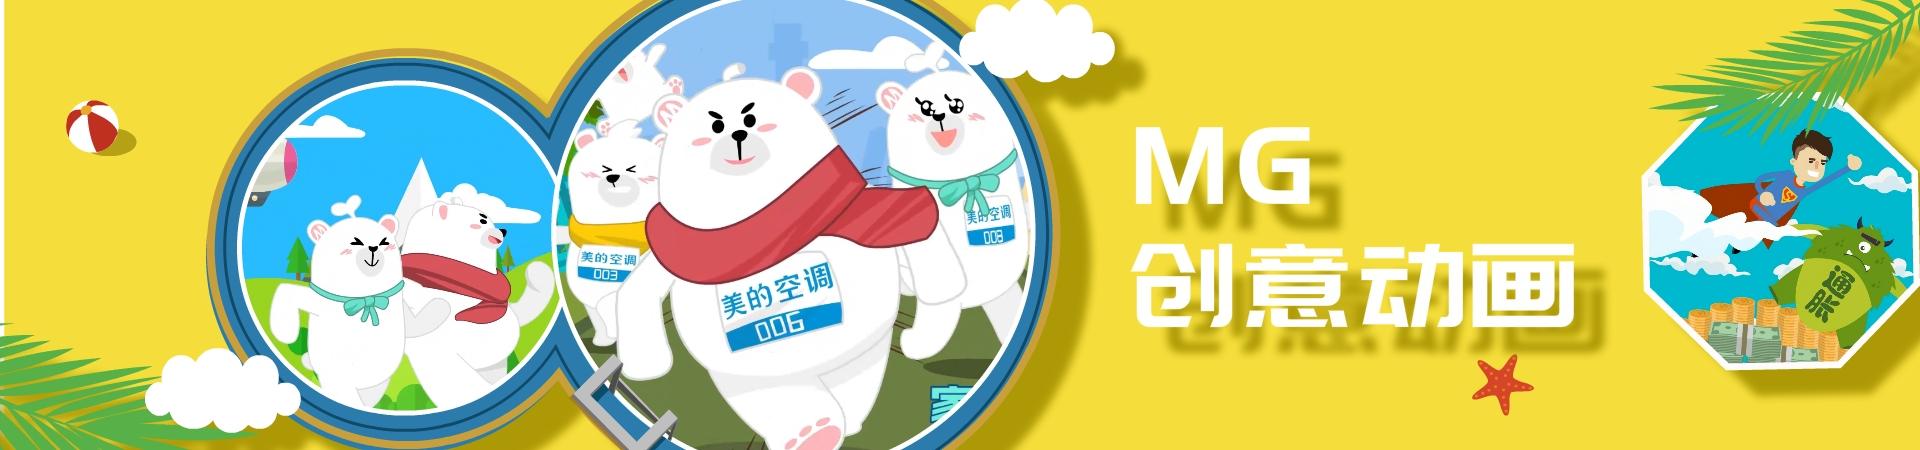 北京mg动画公司